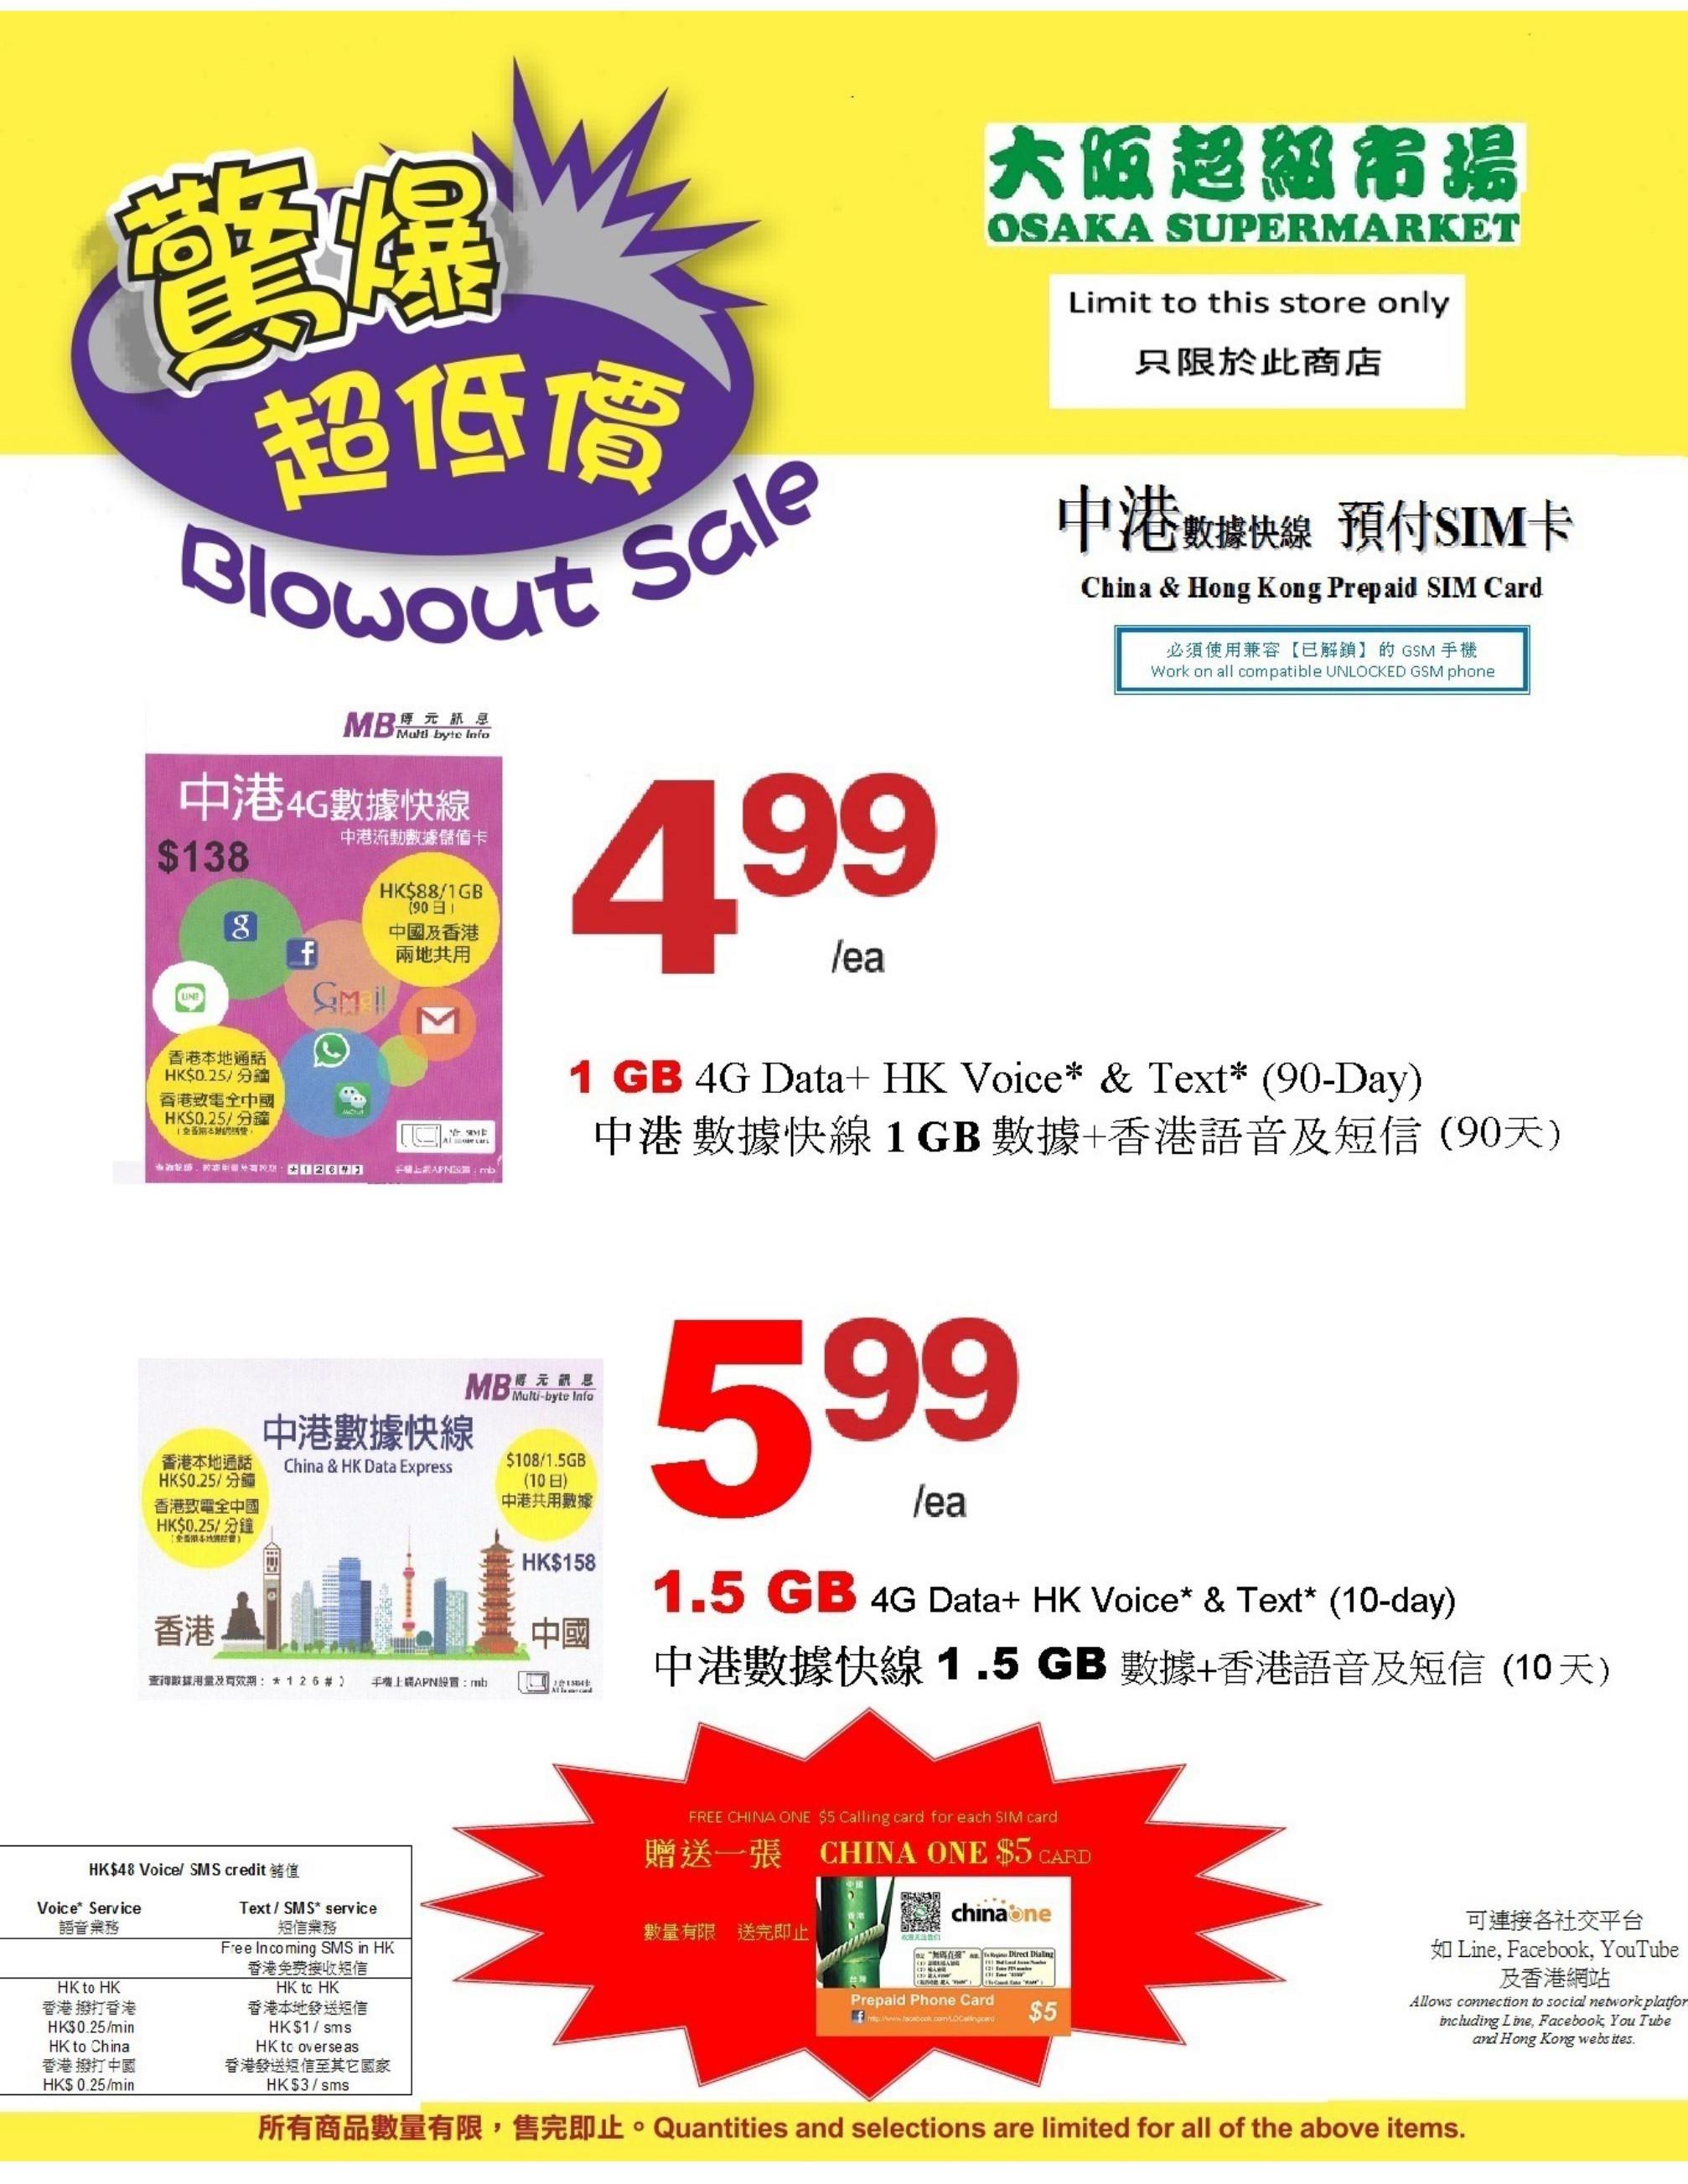 大阪超級市場:香港/中國手提電話Preloaded SIM CARD 1GB數據 + 通話(香港/中國共用) + 免費China One電話卡只需$4.99